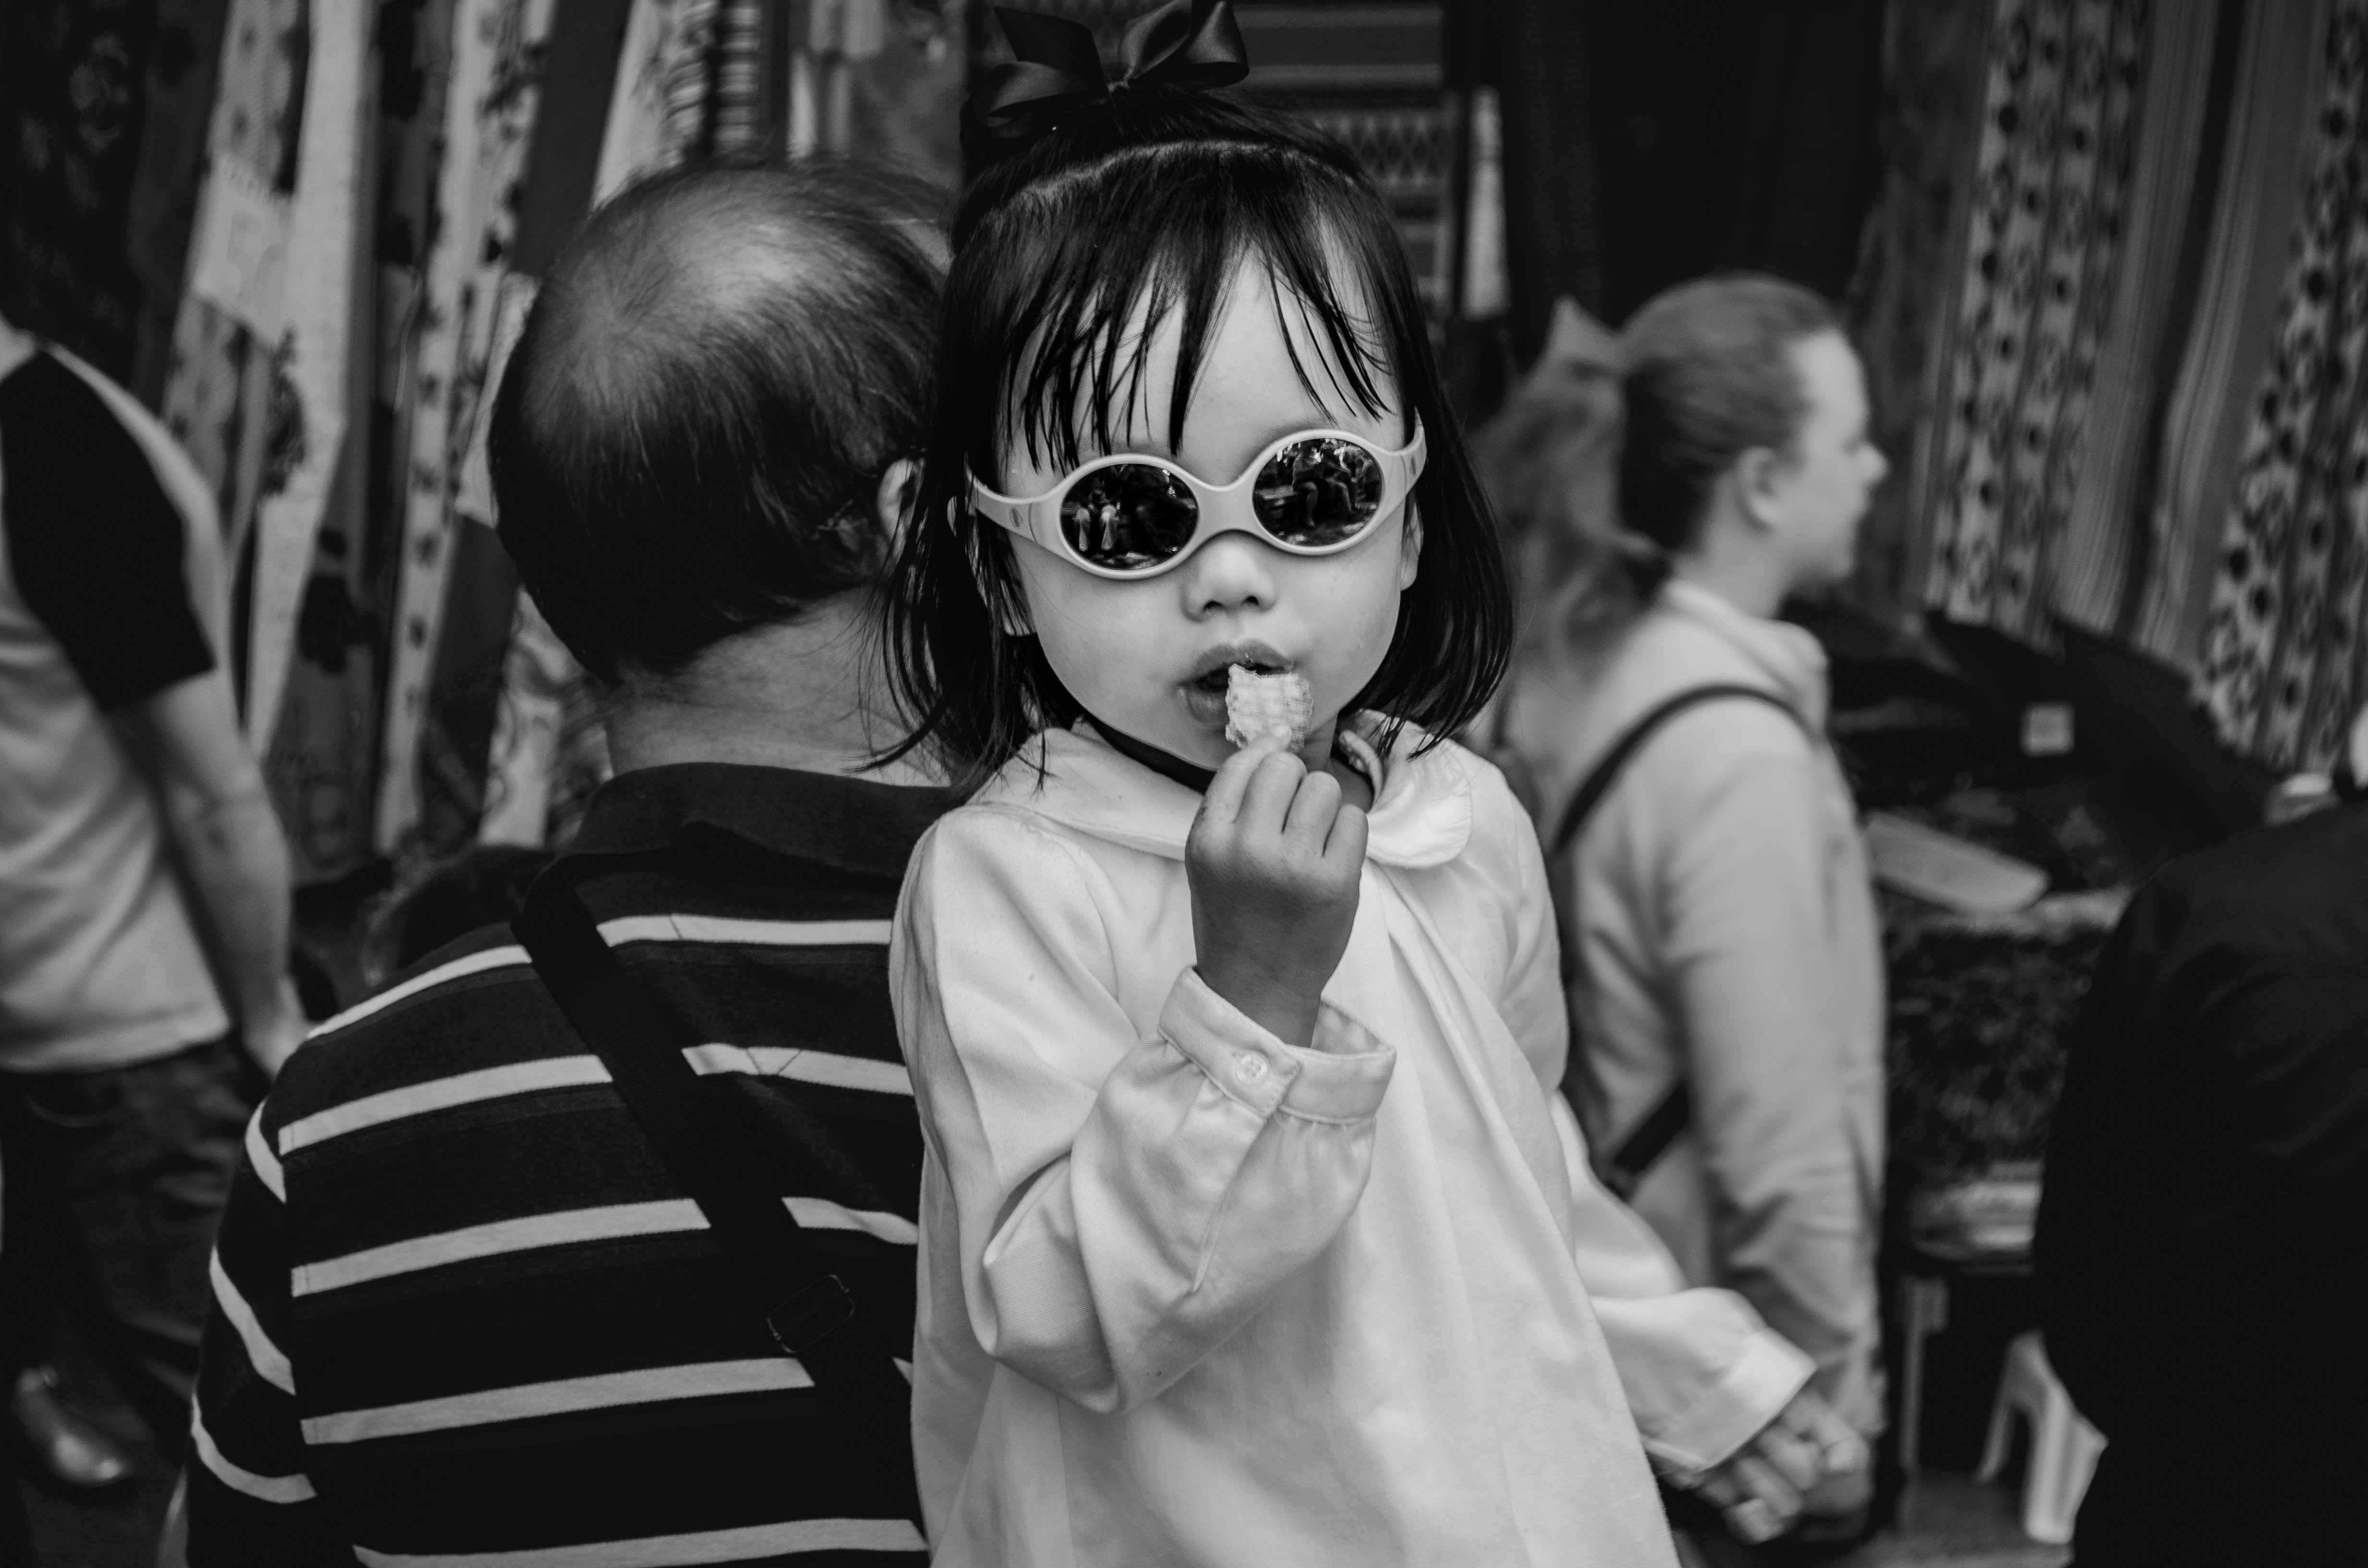 greyscale photo of child eating